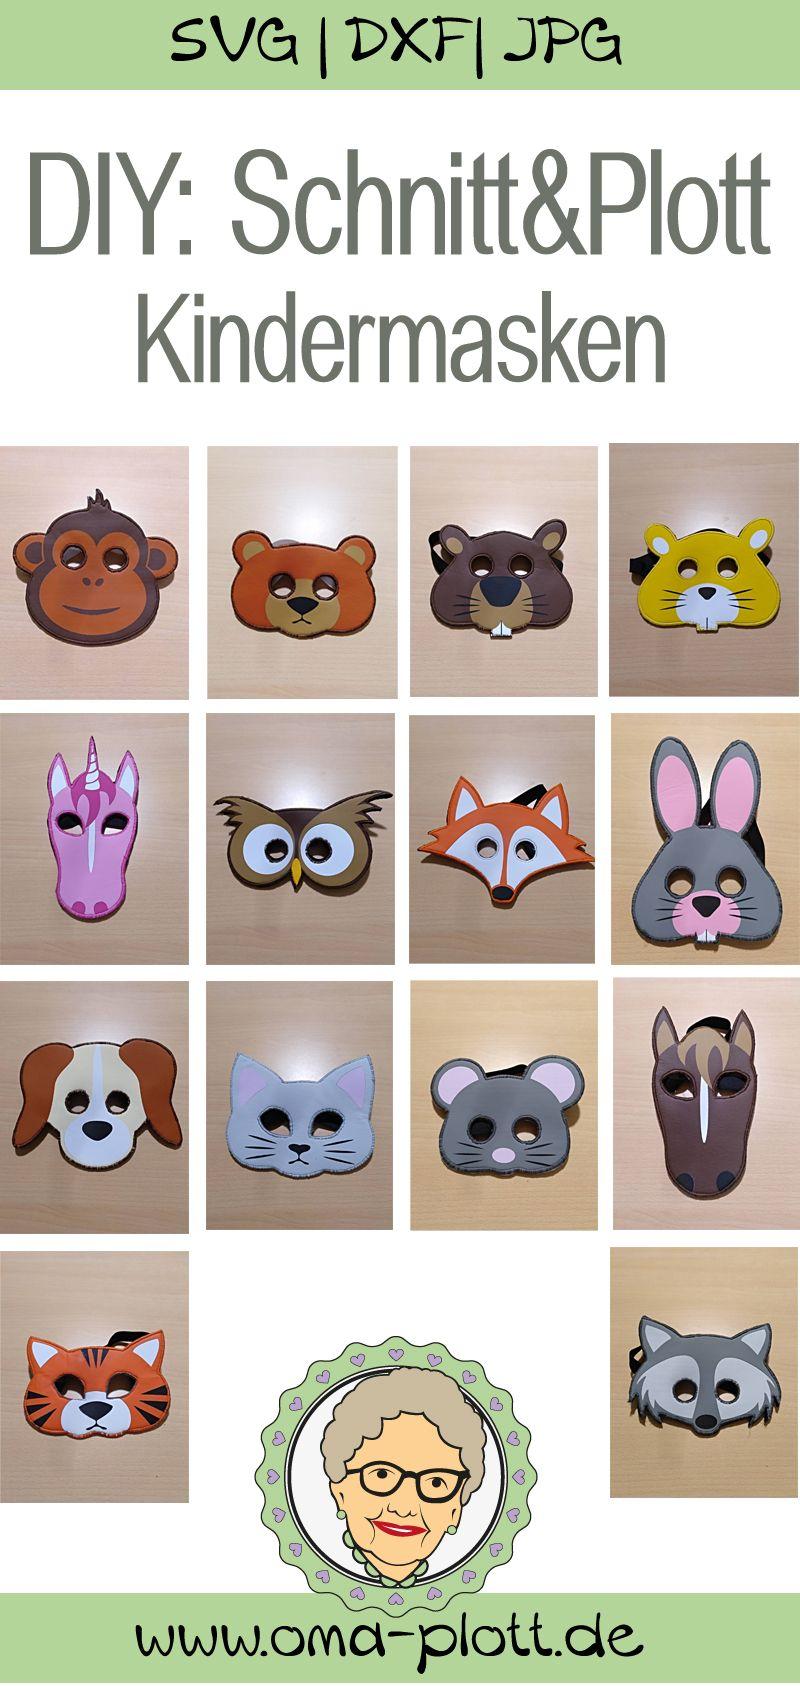 DIY: Tiermasken für Kinder